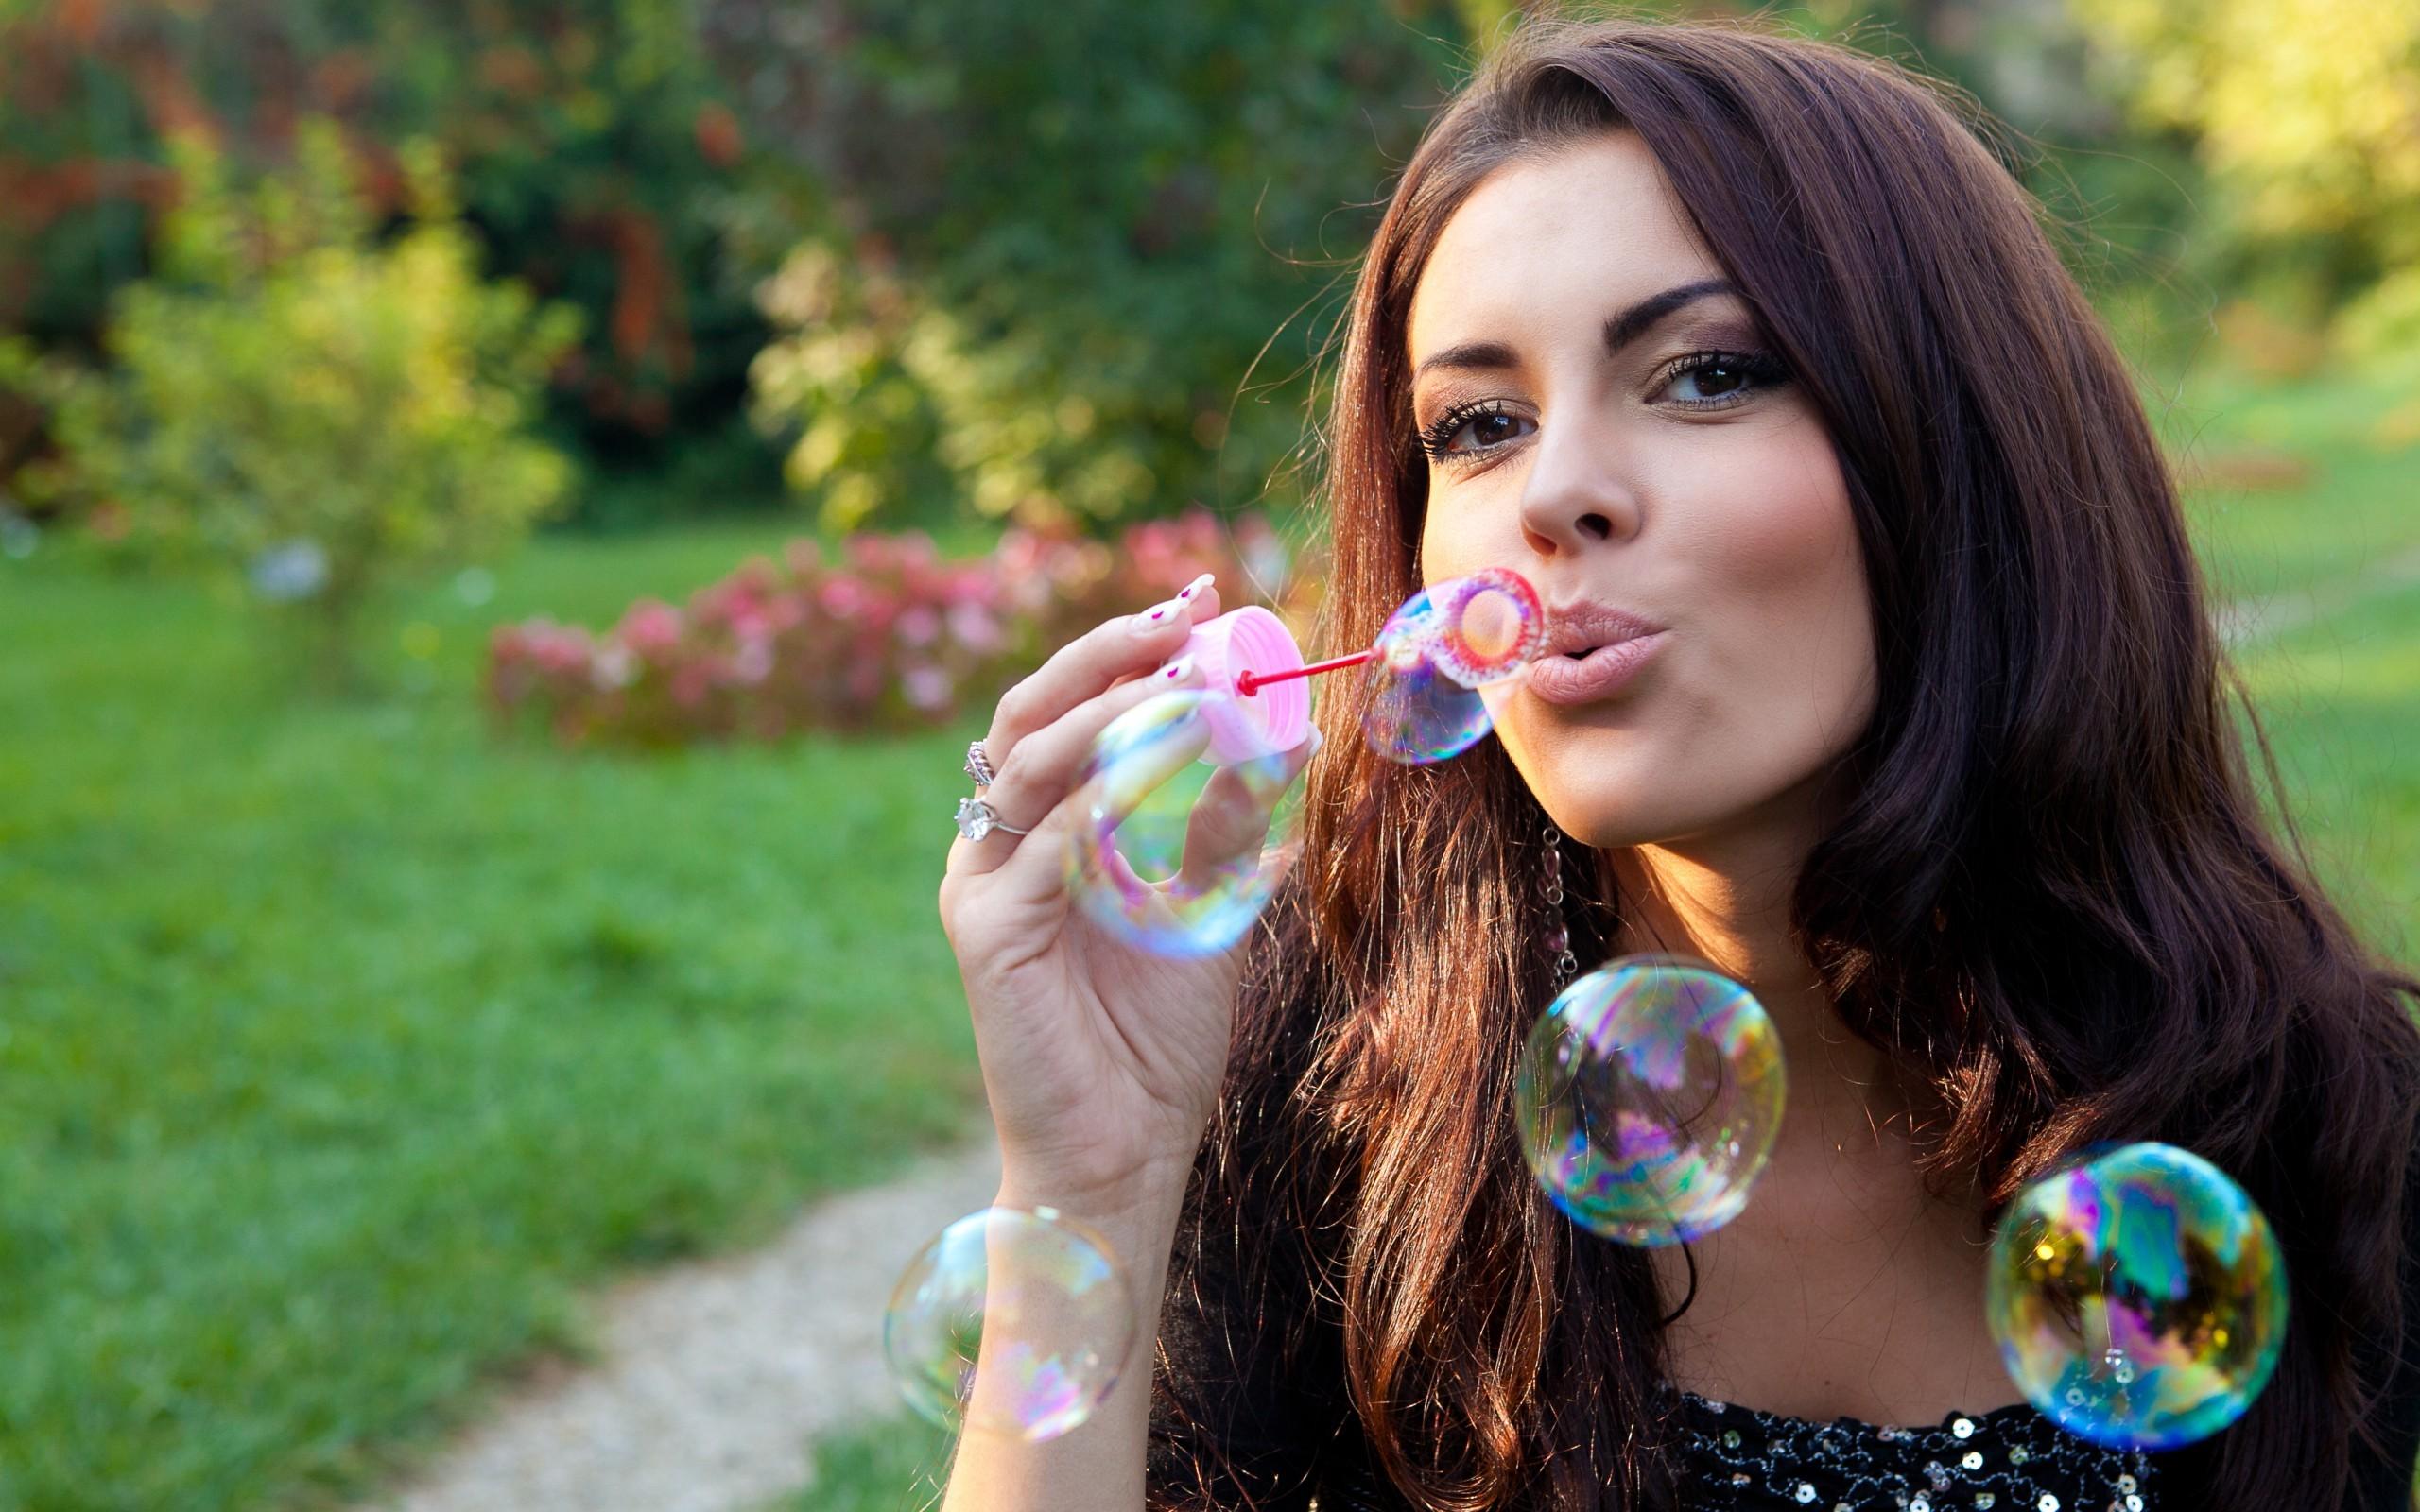 Девушка с конфетой инстаграм